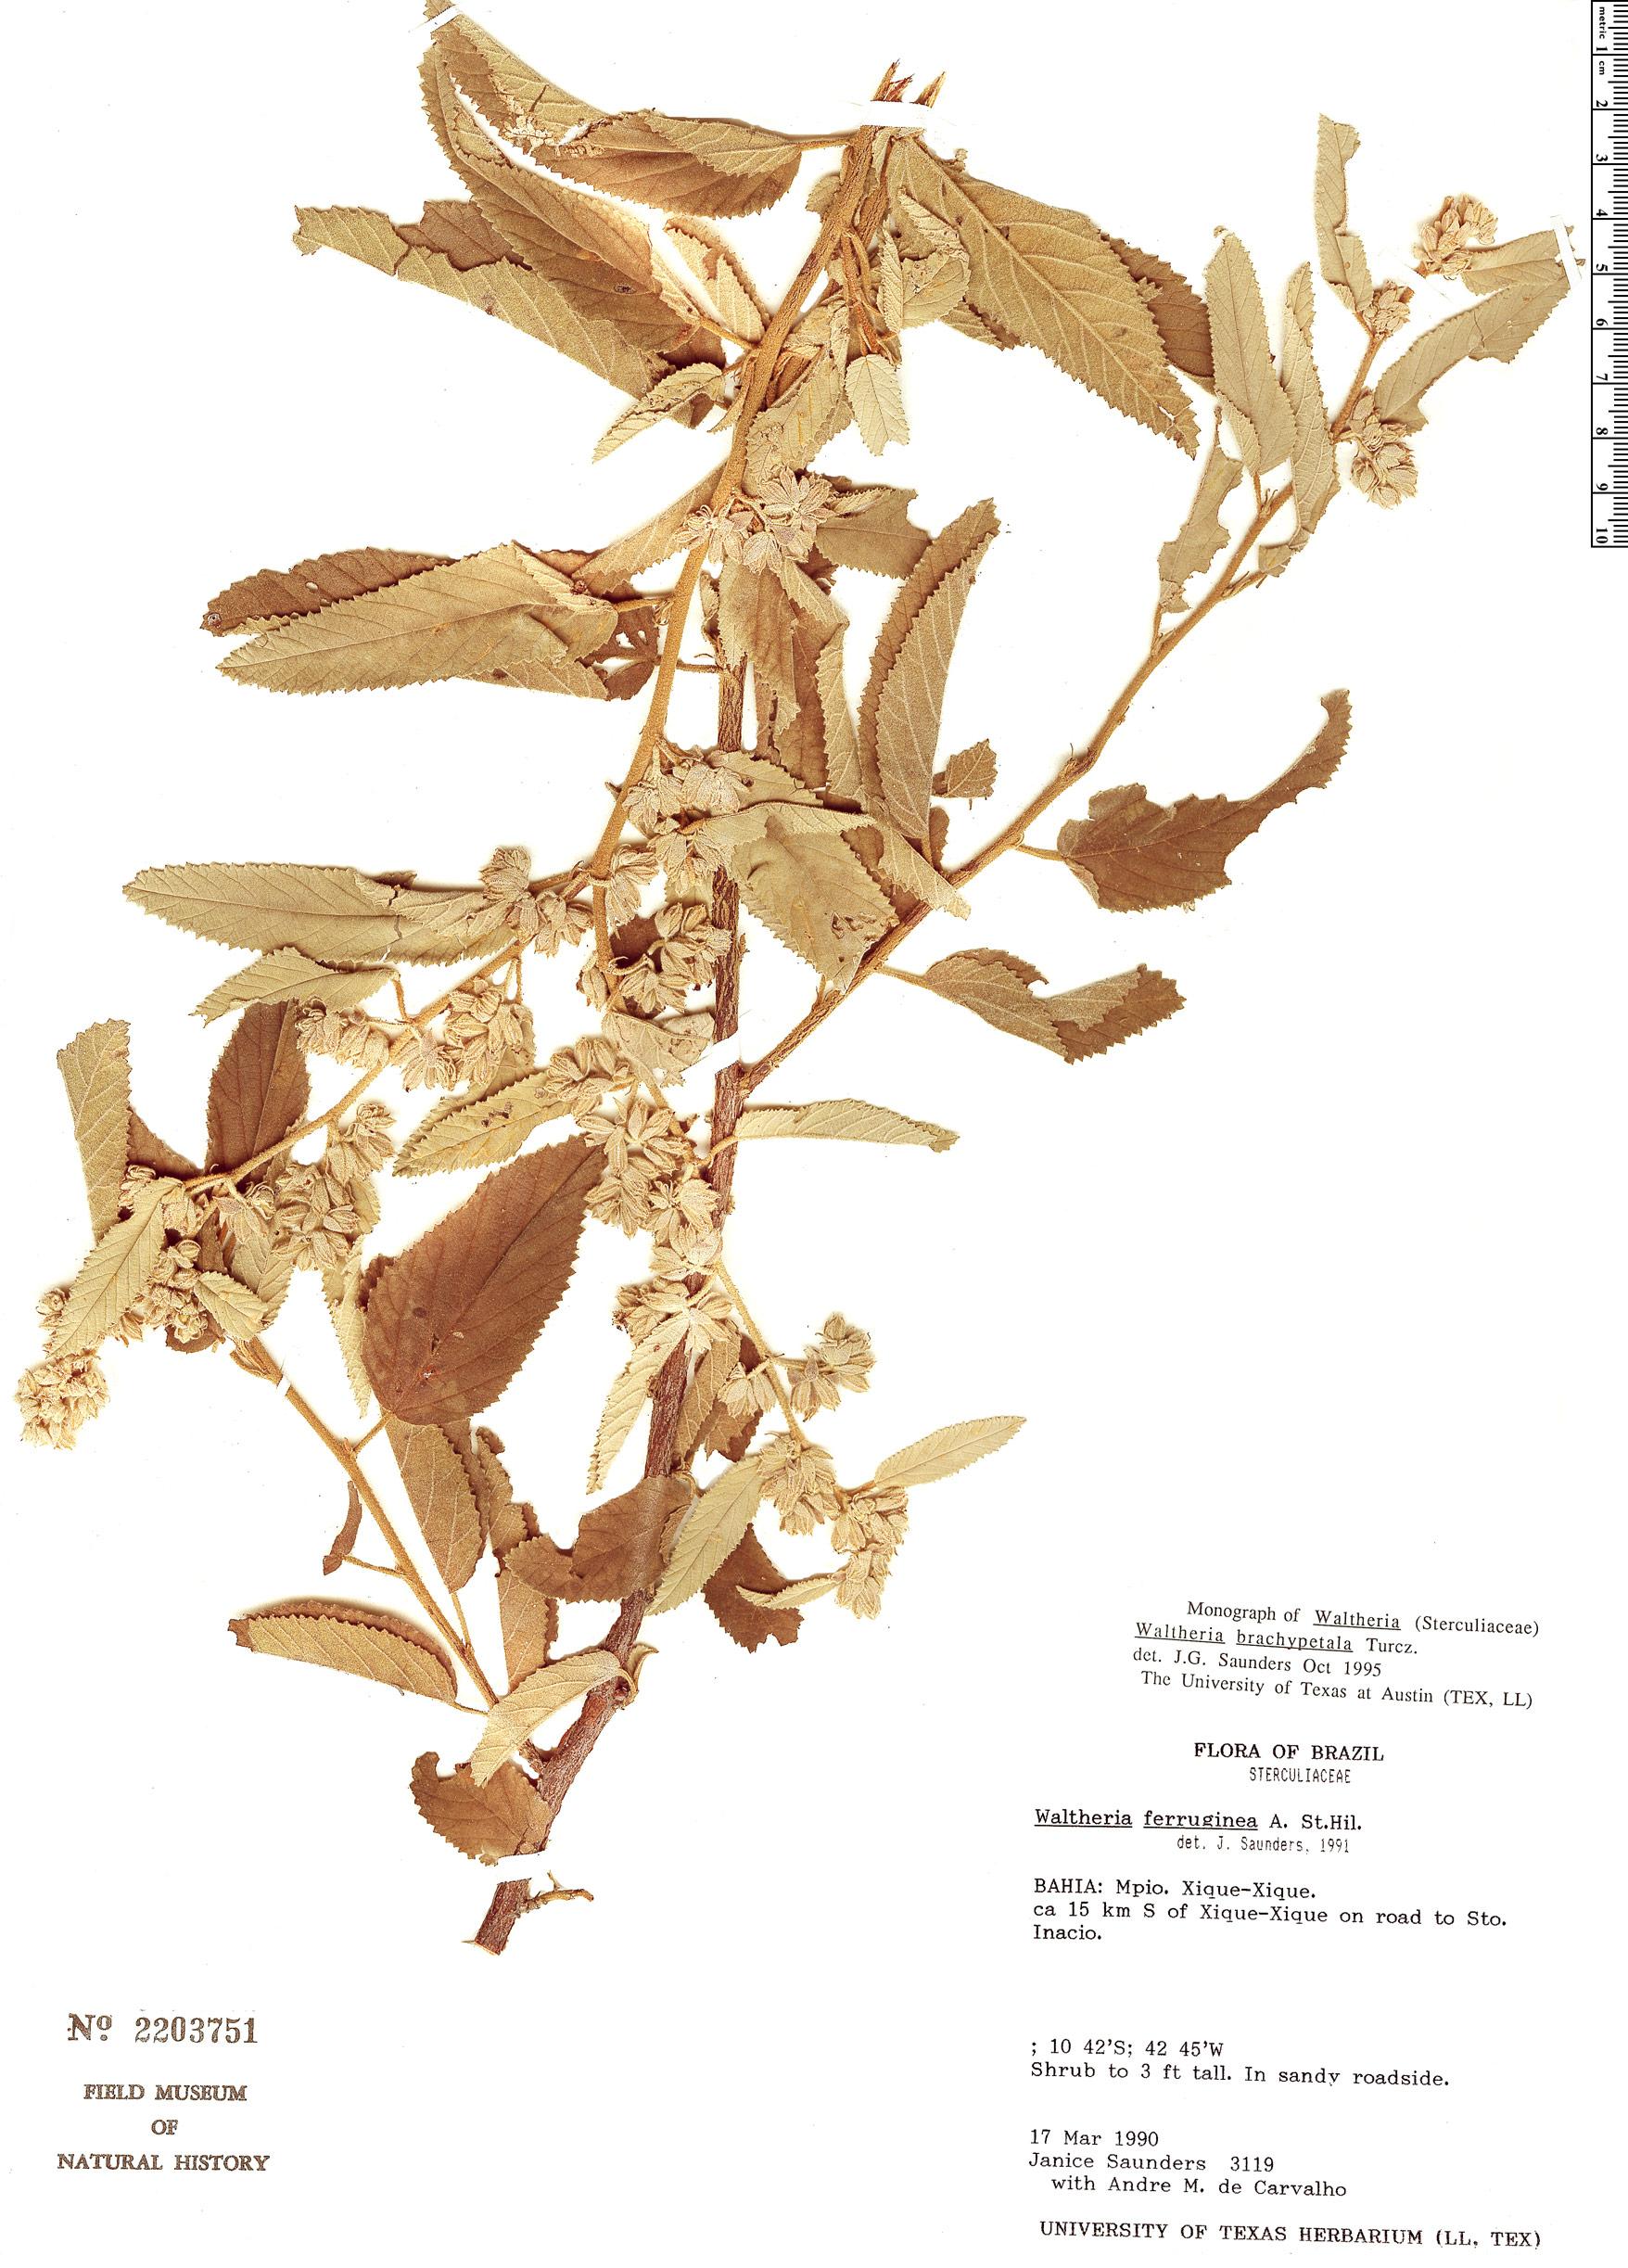 Specimen: Waltheria brachypetala